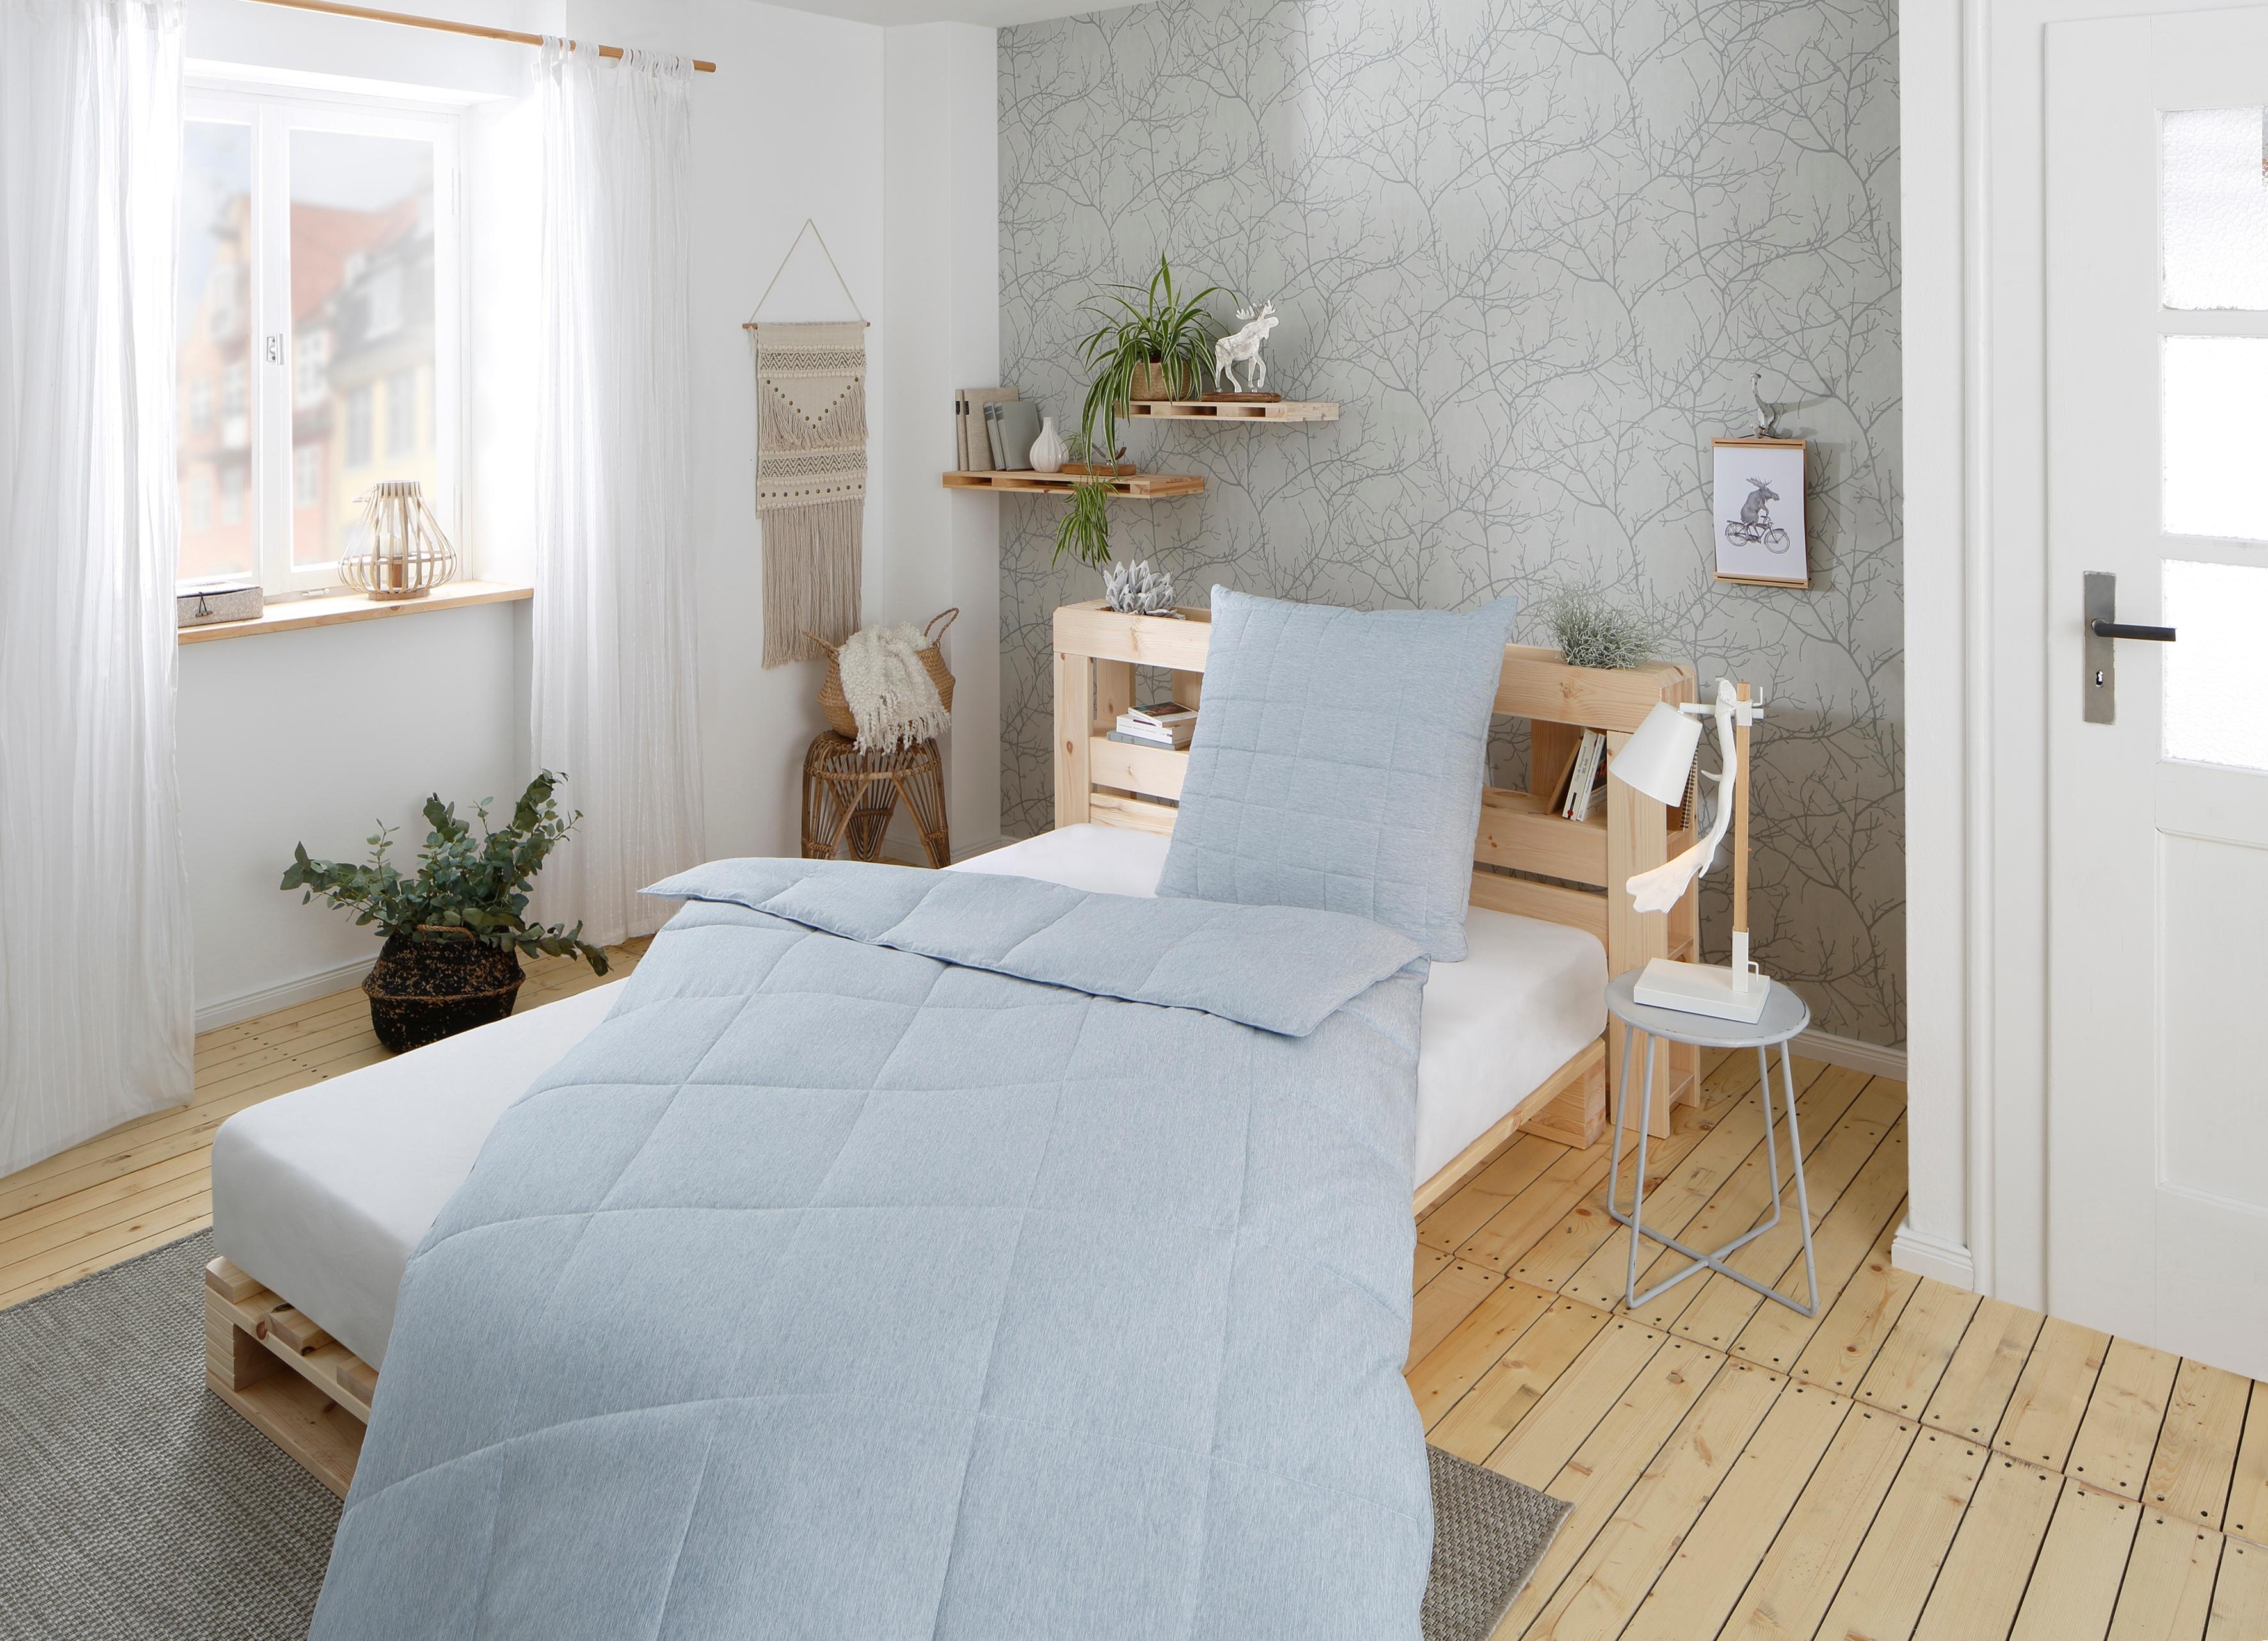 Image of Älgdröm Kunstfaserbettdecke »Norrström«, leicht, (1 St.), Modernes schönes skandinavisches Design mit super Preis-/Leistungsverhältnis, erhältlich in 3 Wärmeklassen